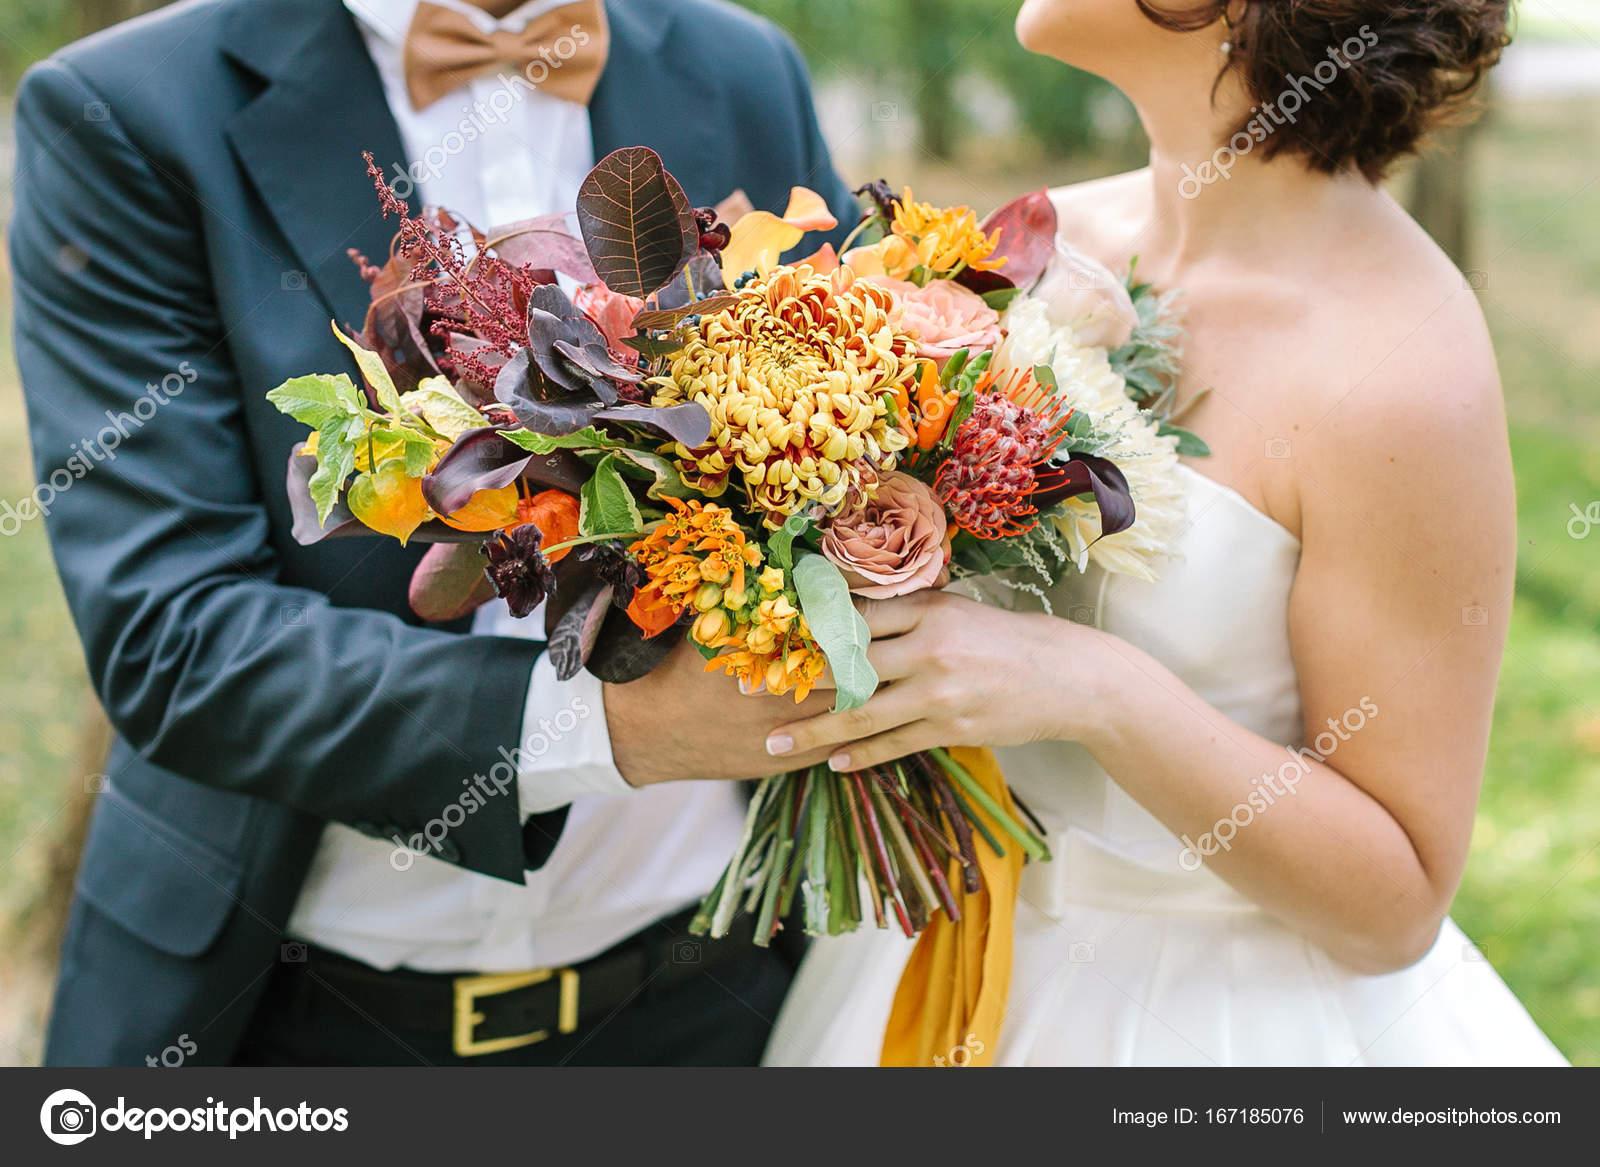 Herbst, Anlass, Liebe Konzept. Verlobter in herrlichen schwarzen ...